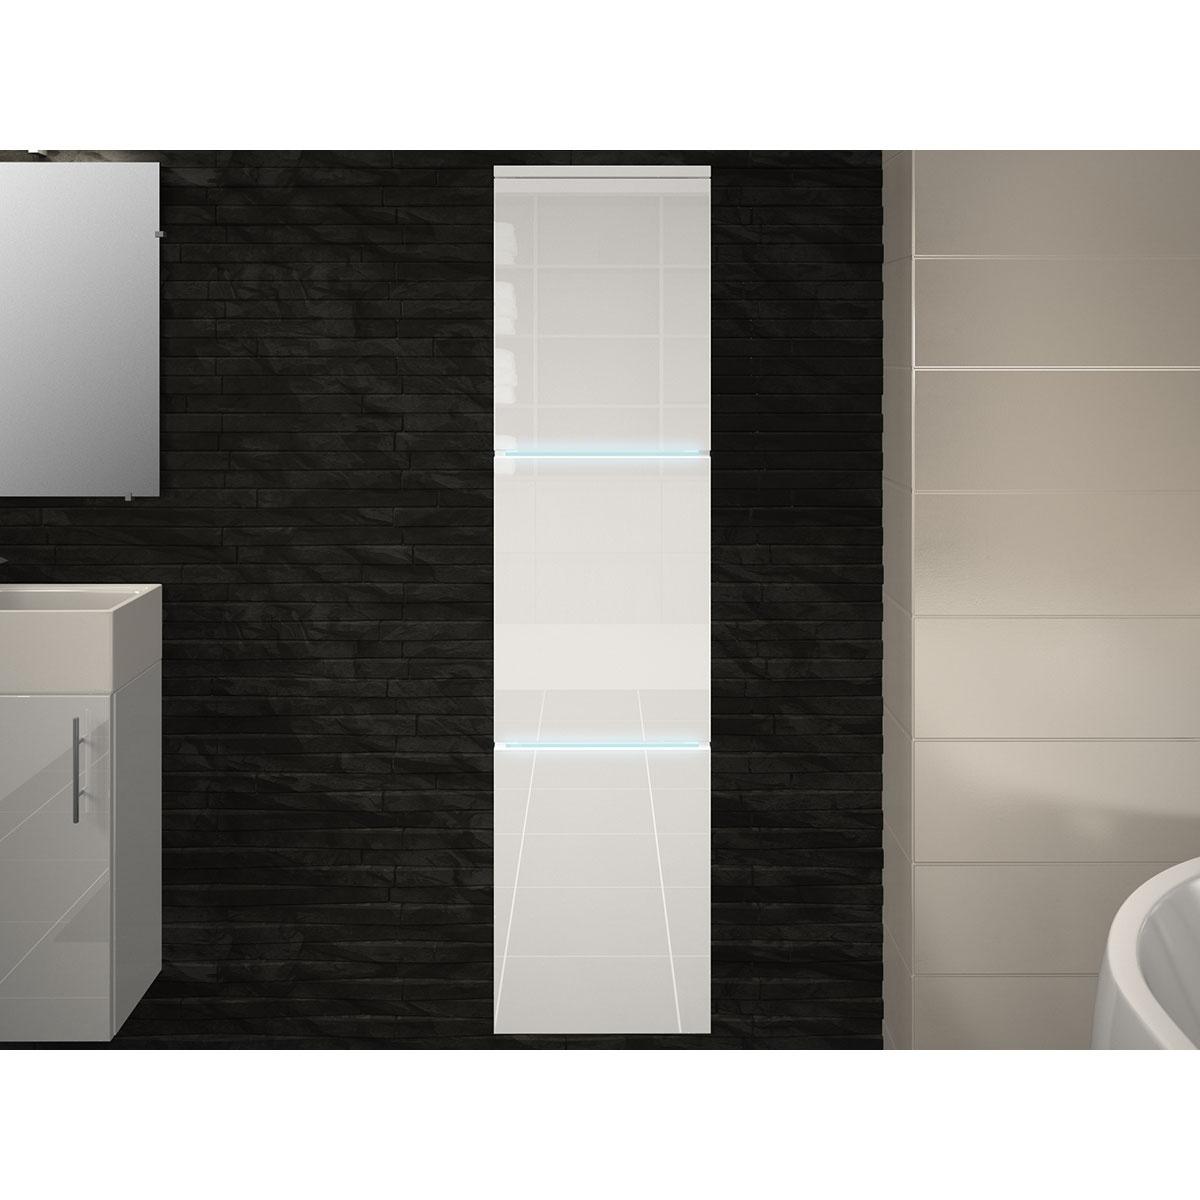 Colonne salle de bain 3 portes avec leds (Blanc)